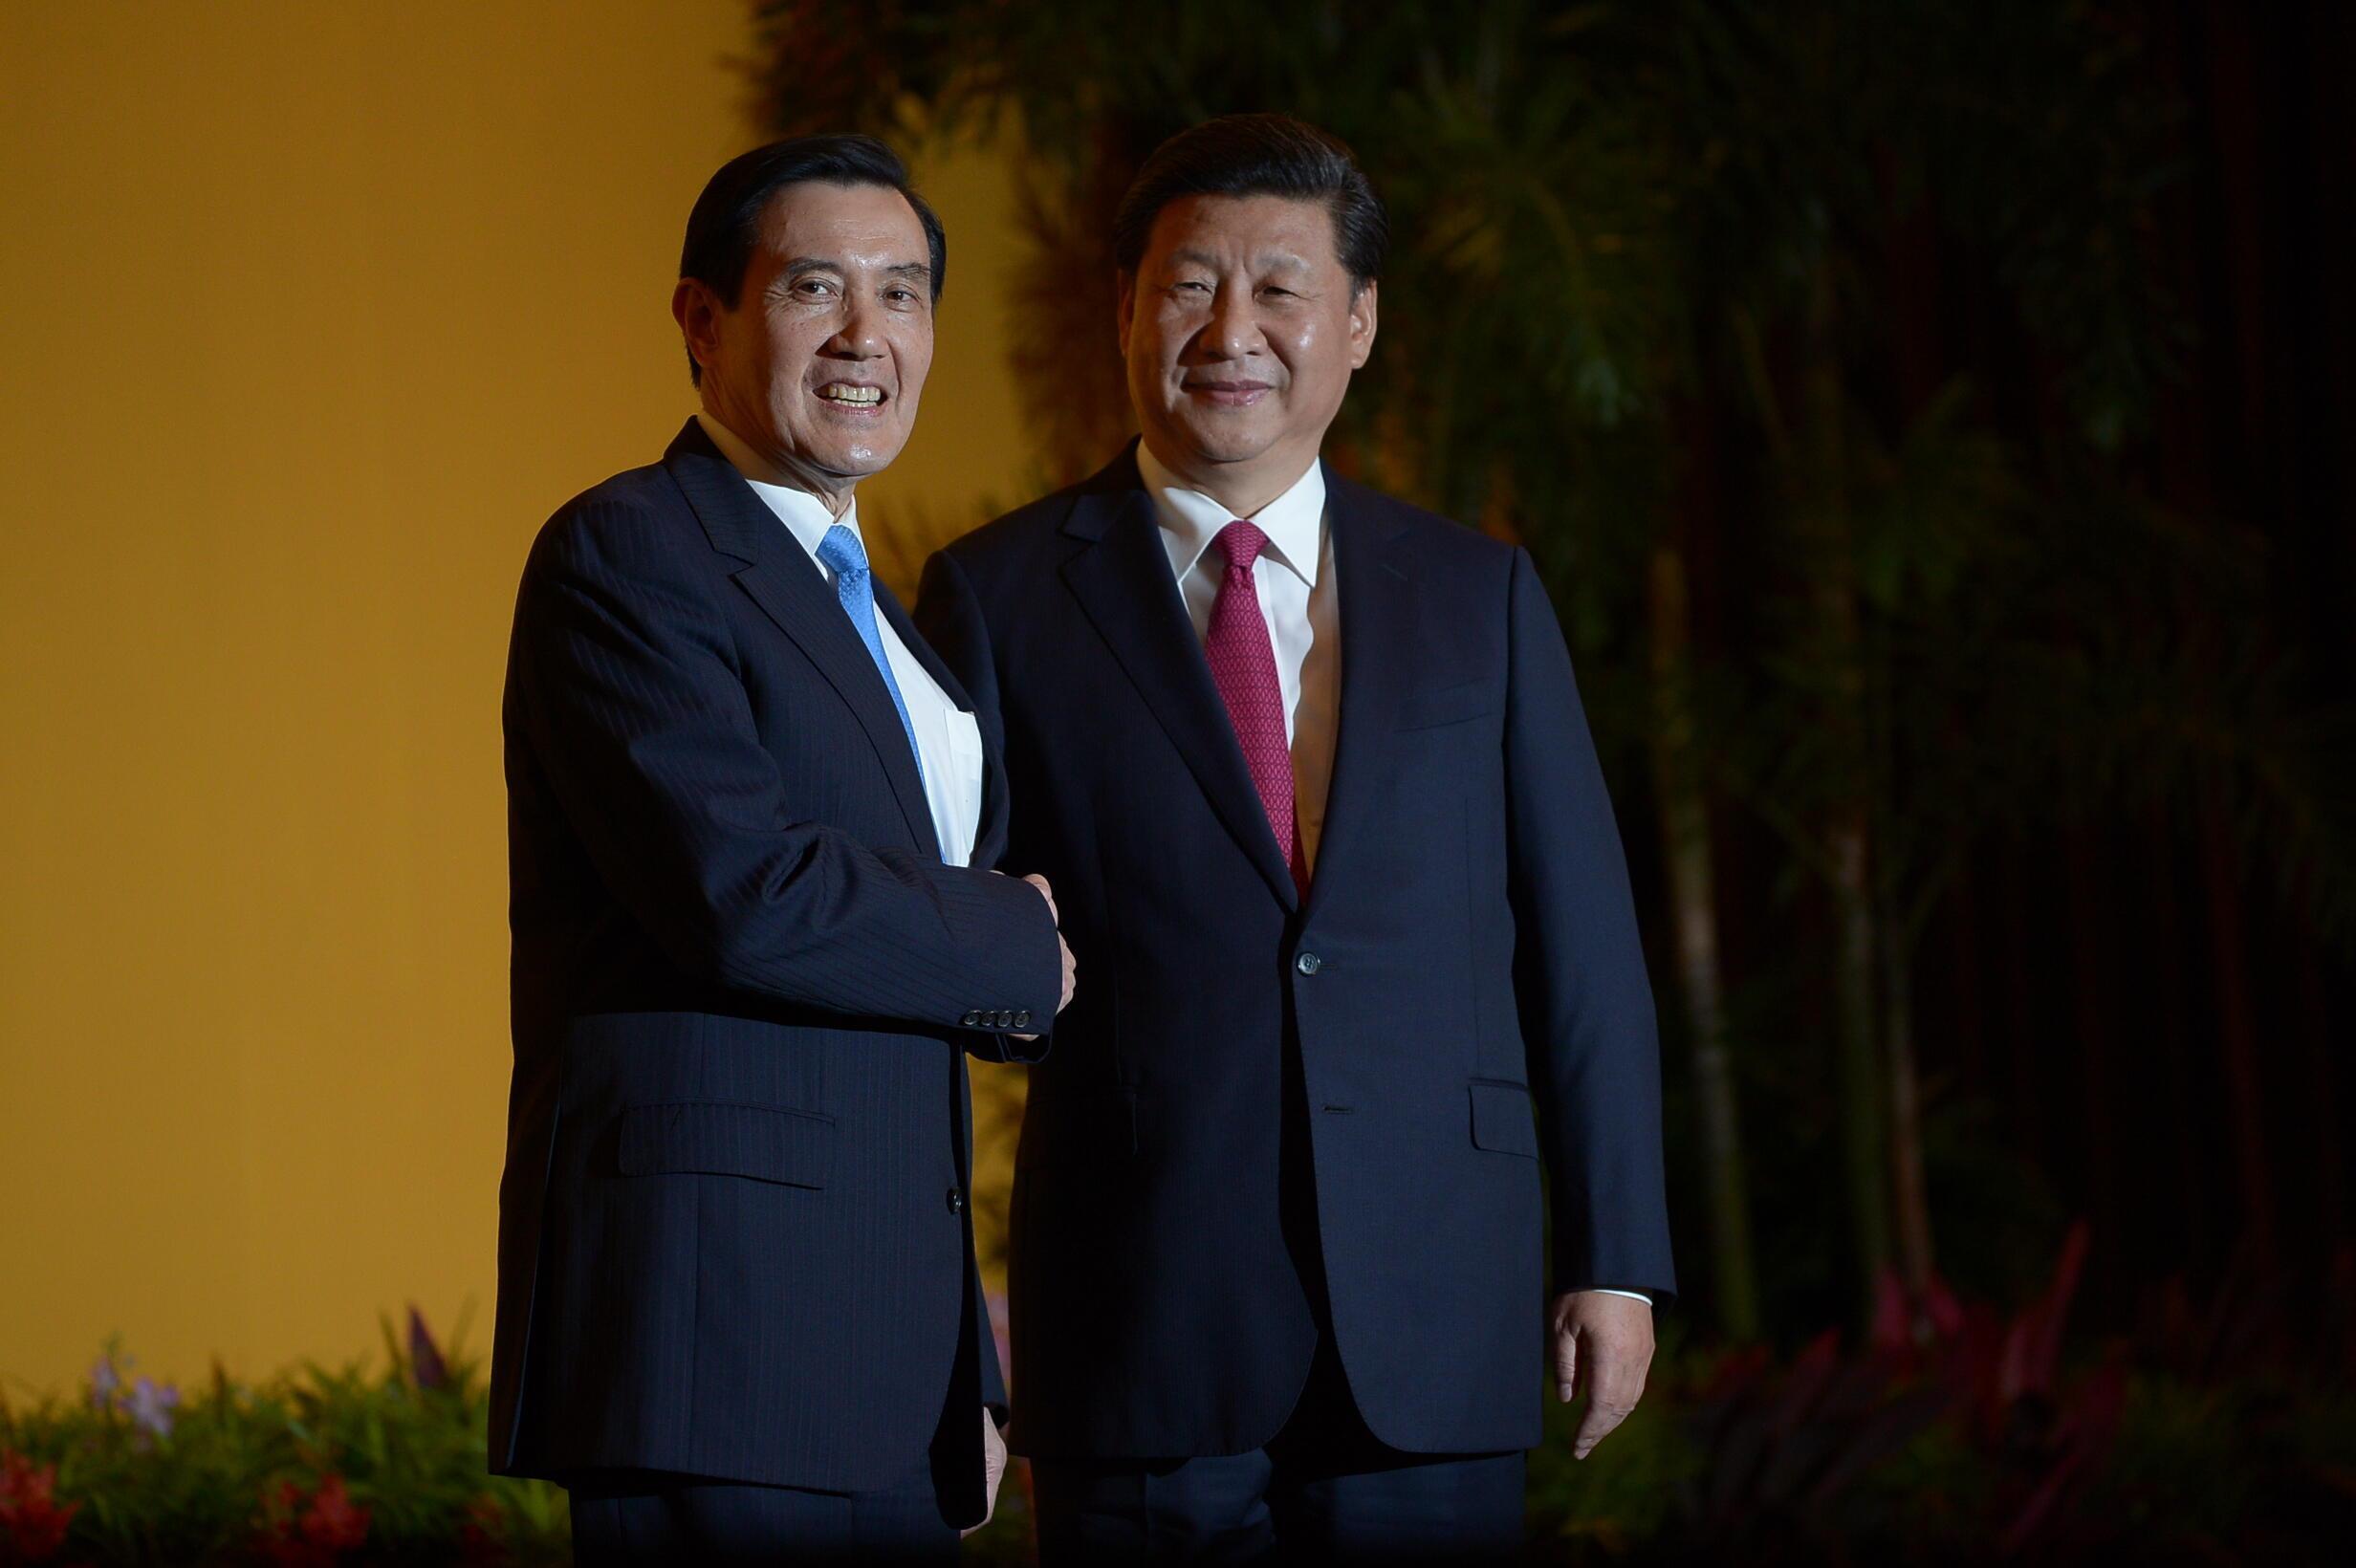 Shugaban Taiwan Ma Ying-jeou da na cbhina Xi Jinping ranar 7 ga watan nuwambar 2015  a Singapour.